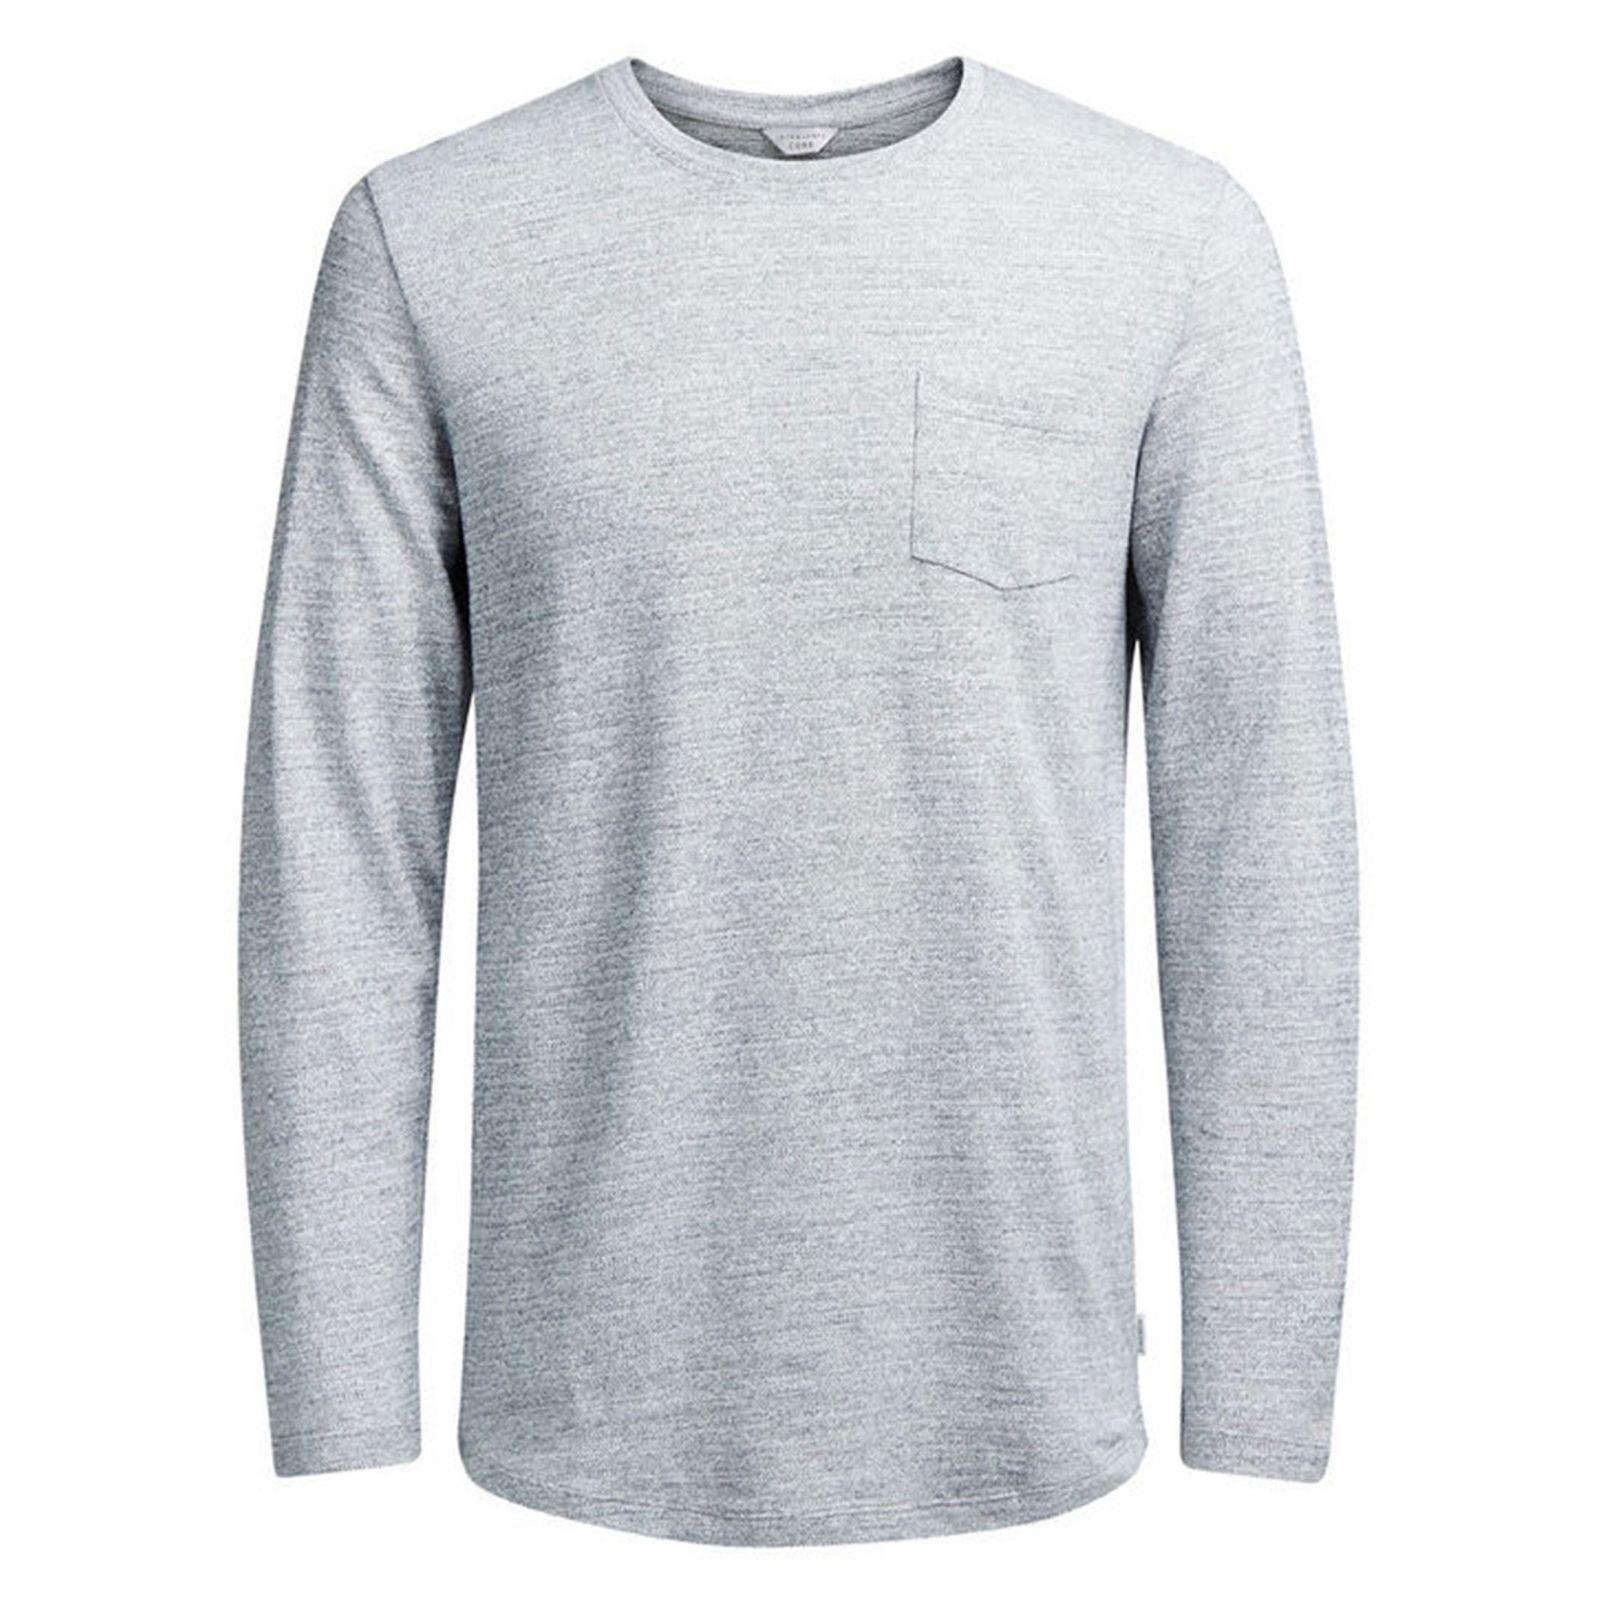 تی شرت نخی آستین بلند مردانه - جک اند جونز - طوسي - 1